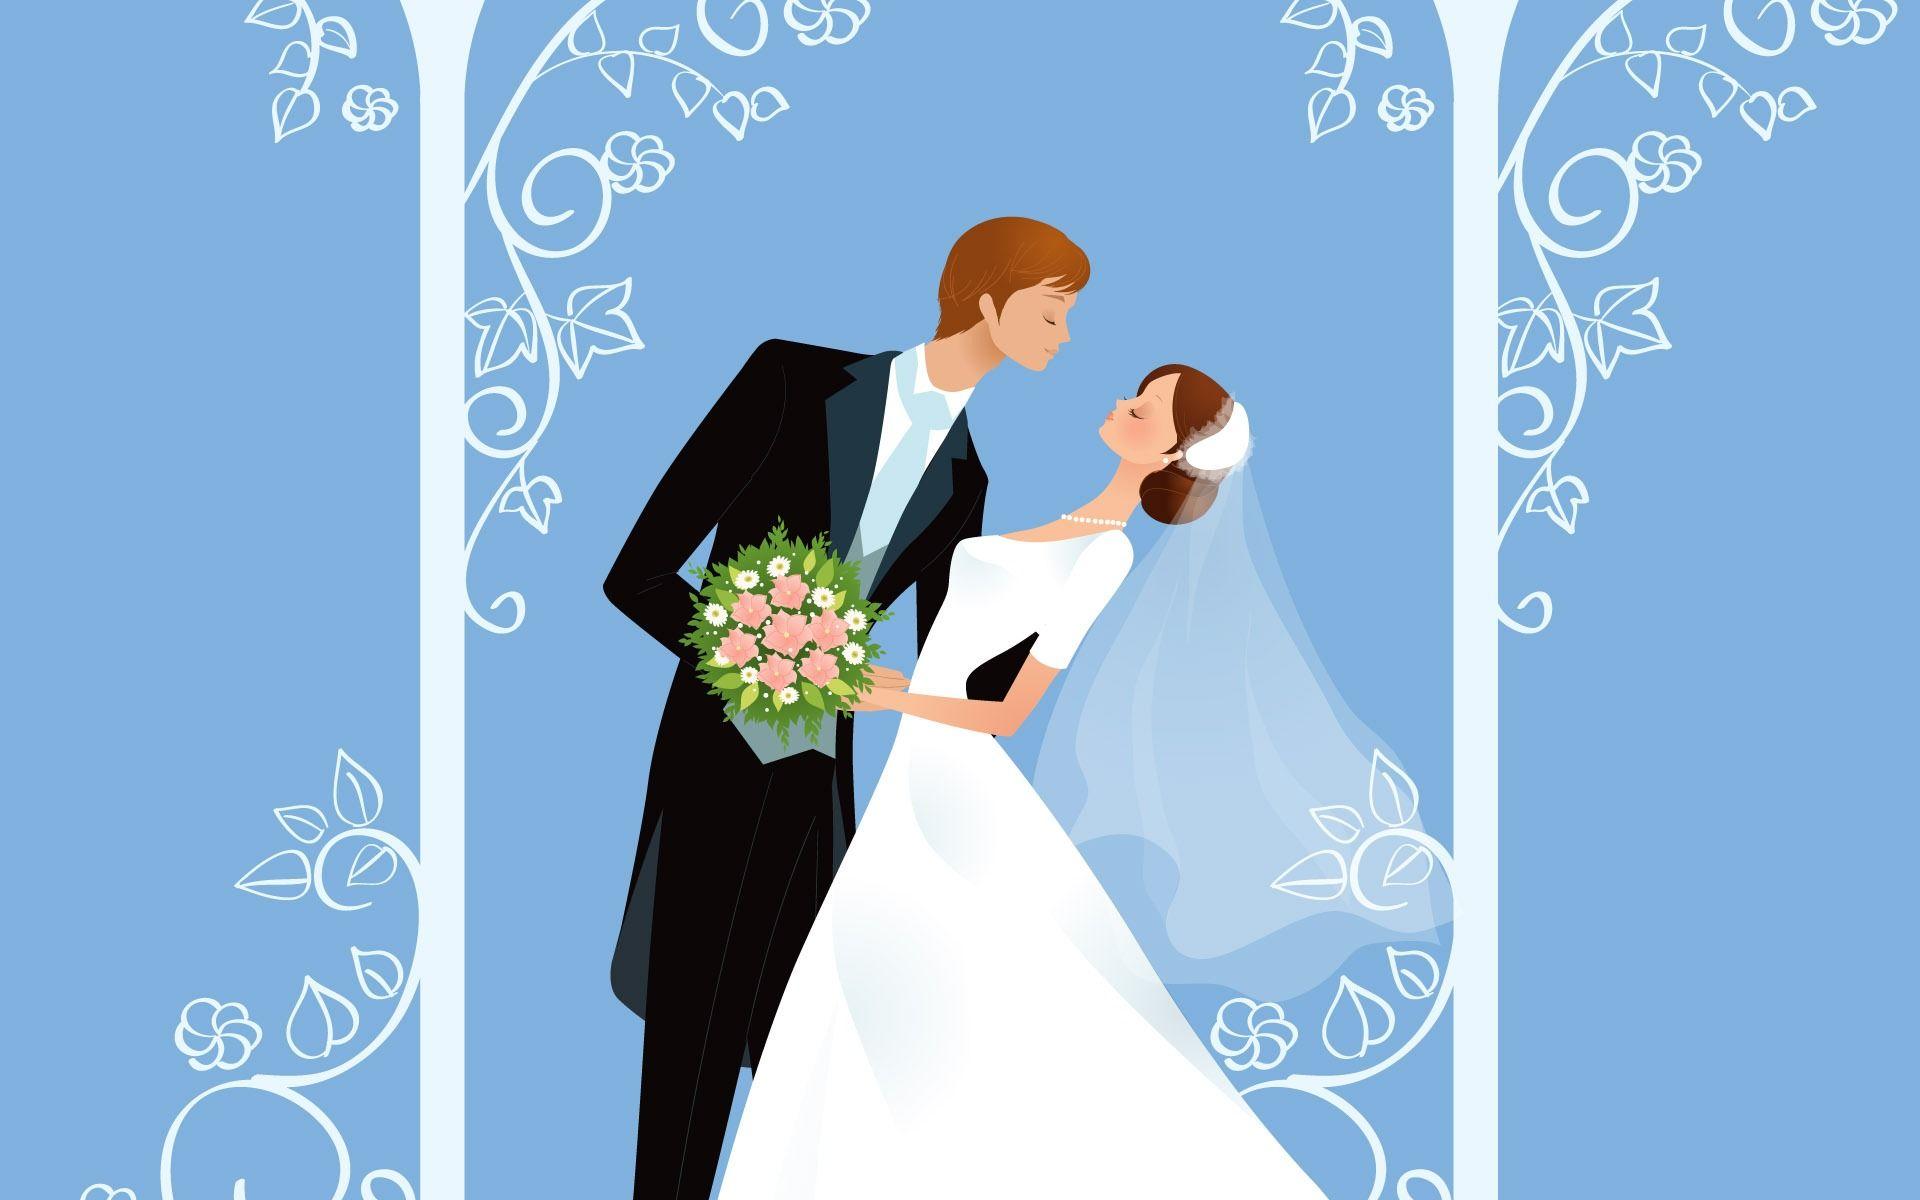 Макет для открытки на свадьбу